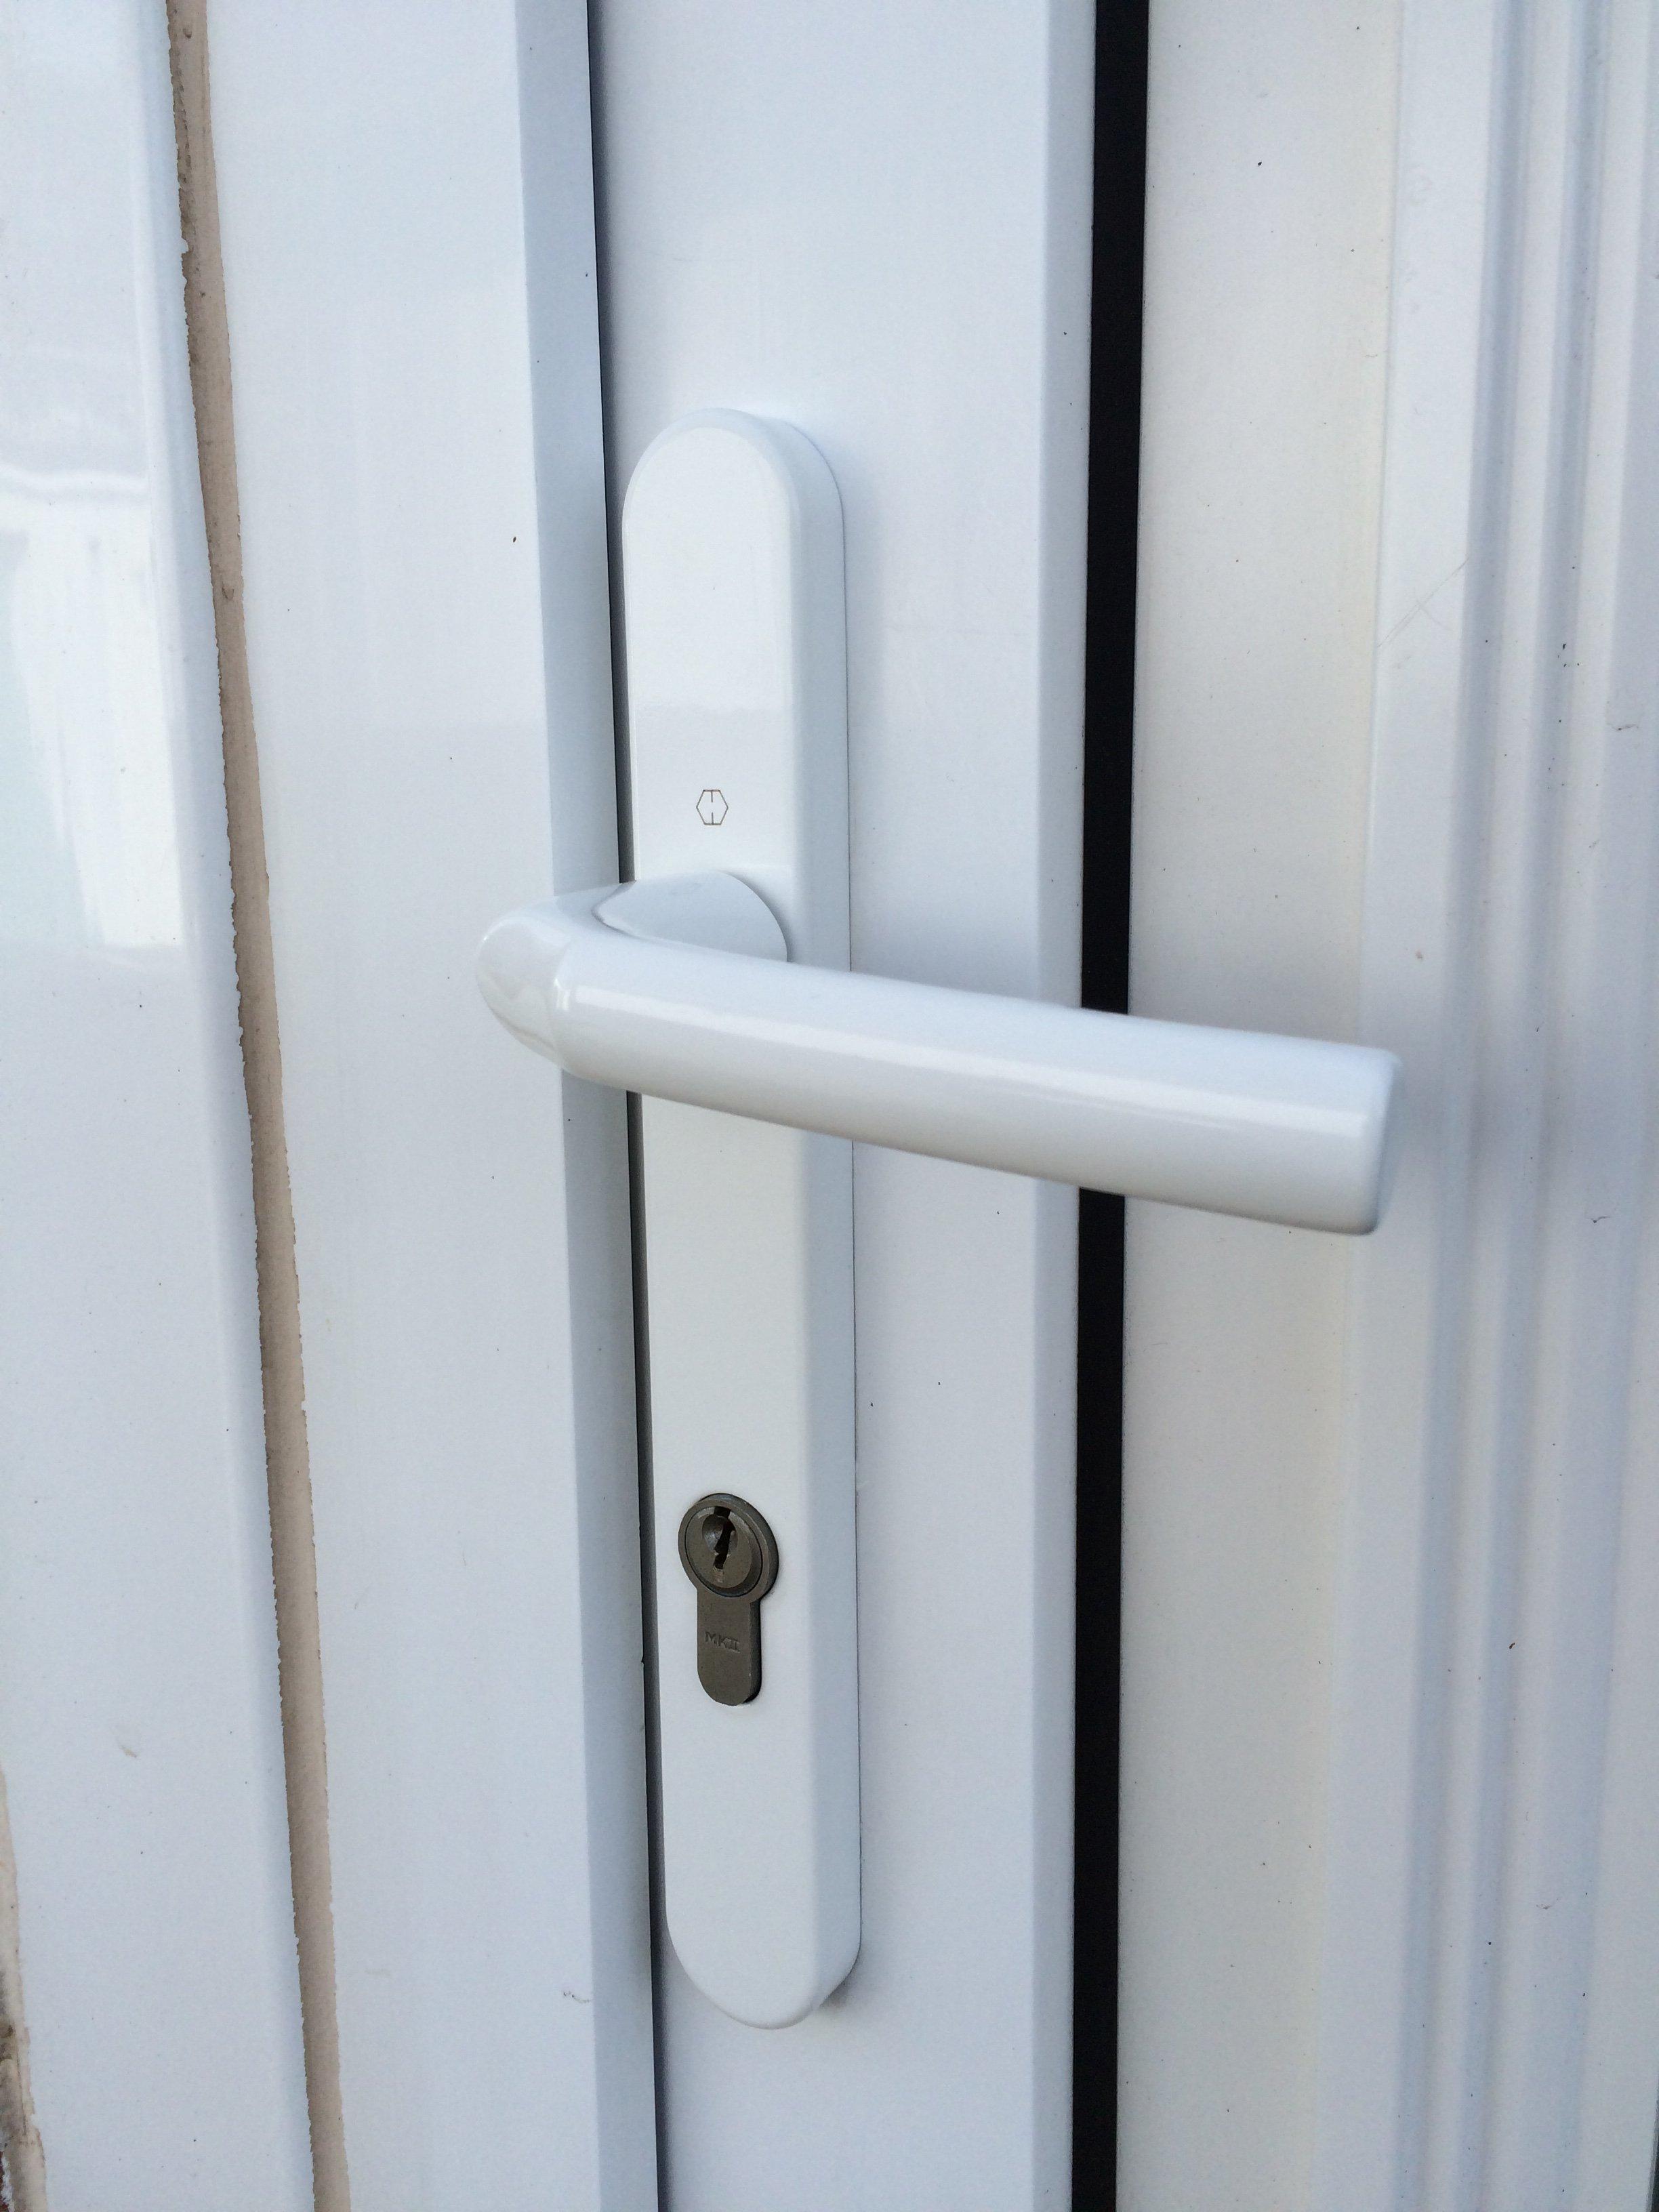 new door latch